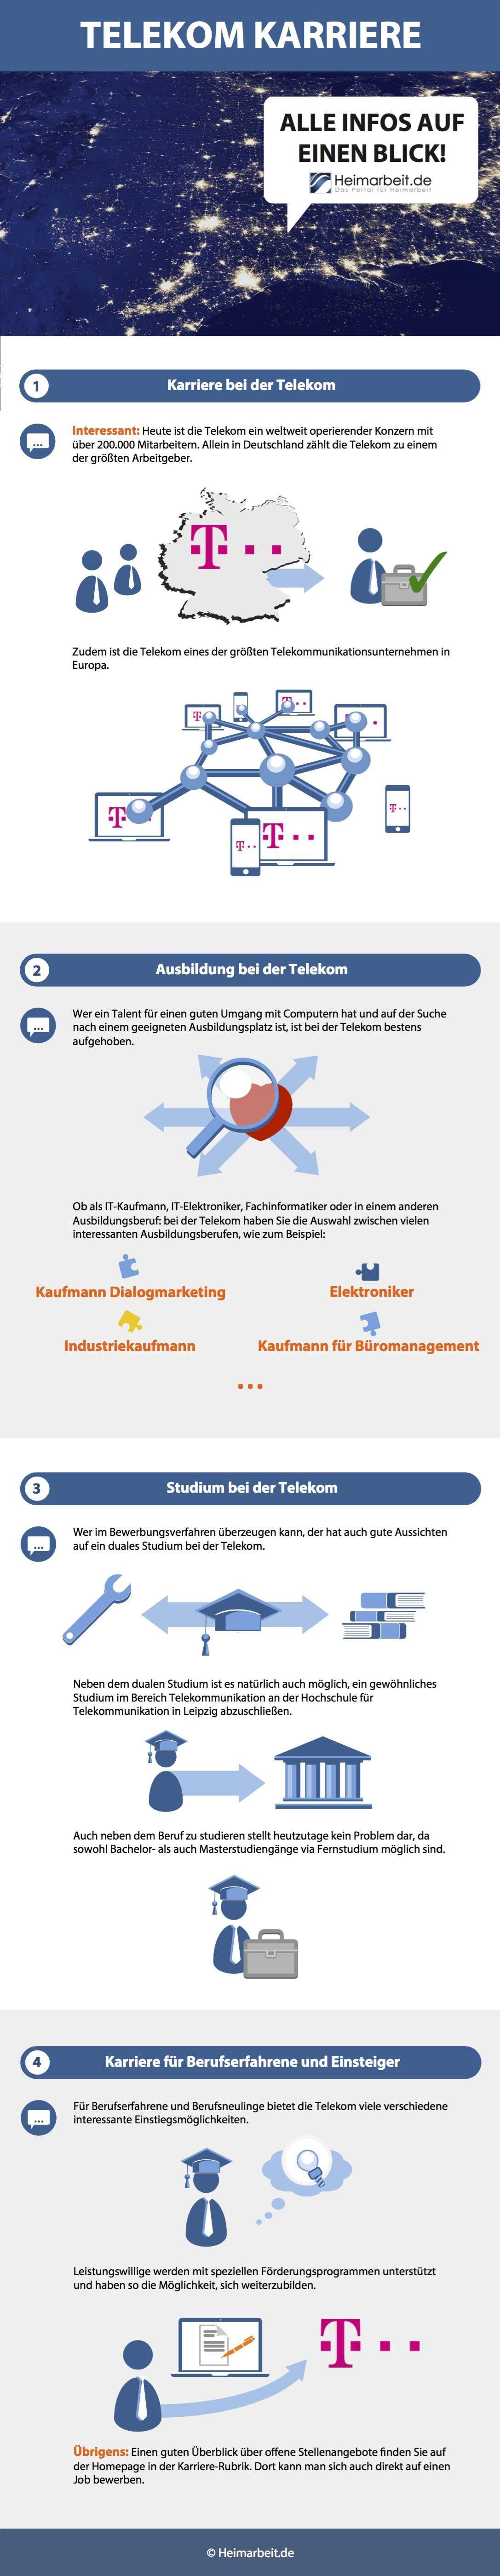 Telekom Karriere